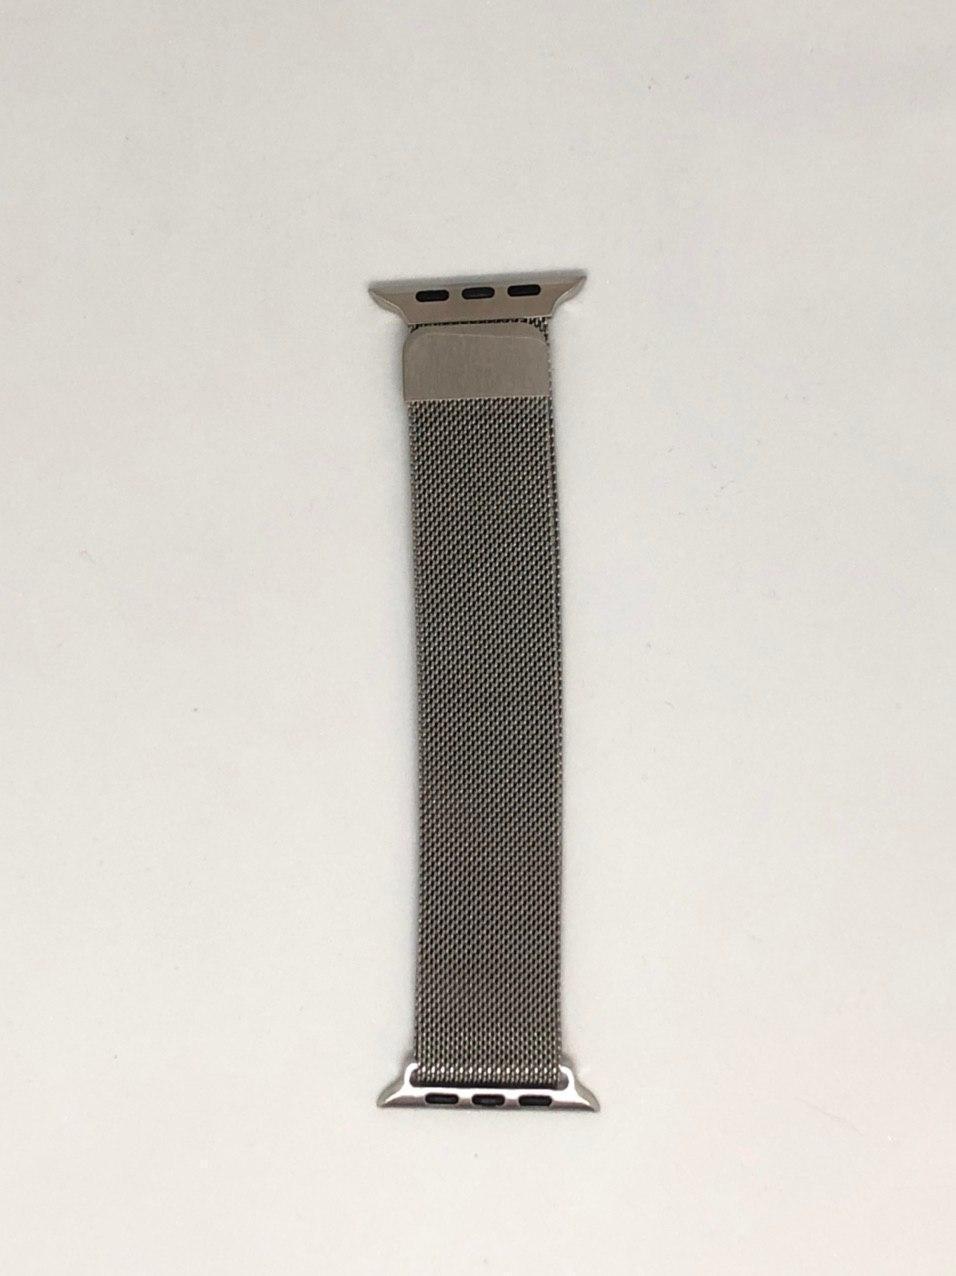 Миланская петля Apple watch 42/44 mm - №6, ремешок, металлический